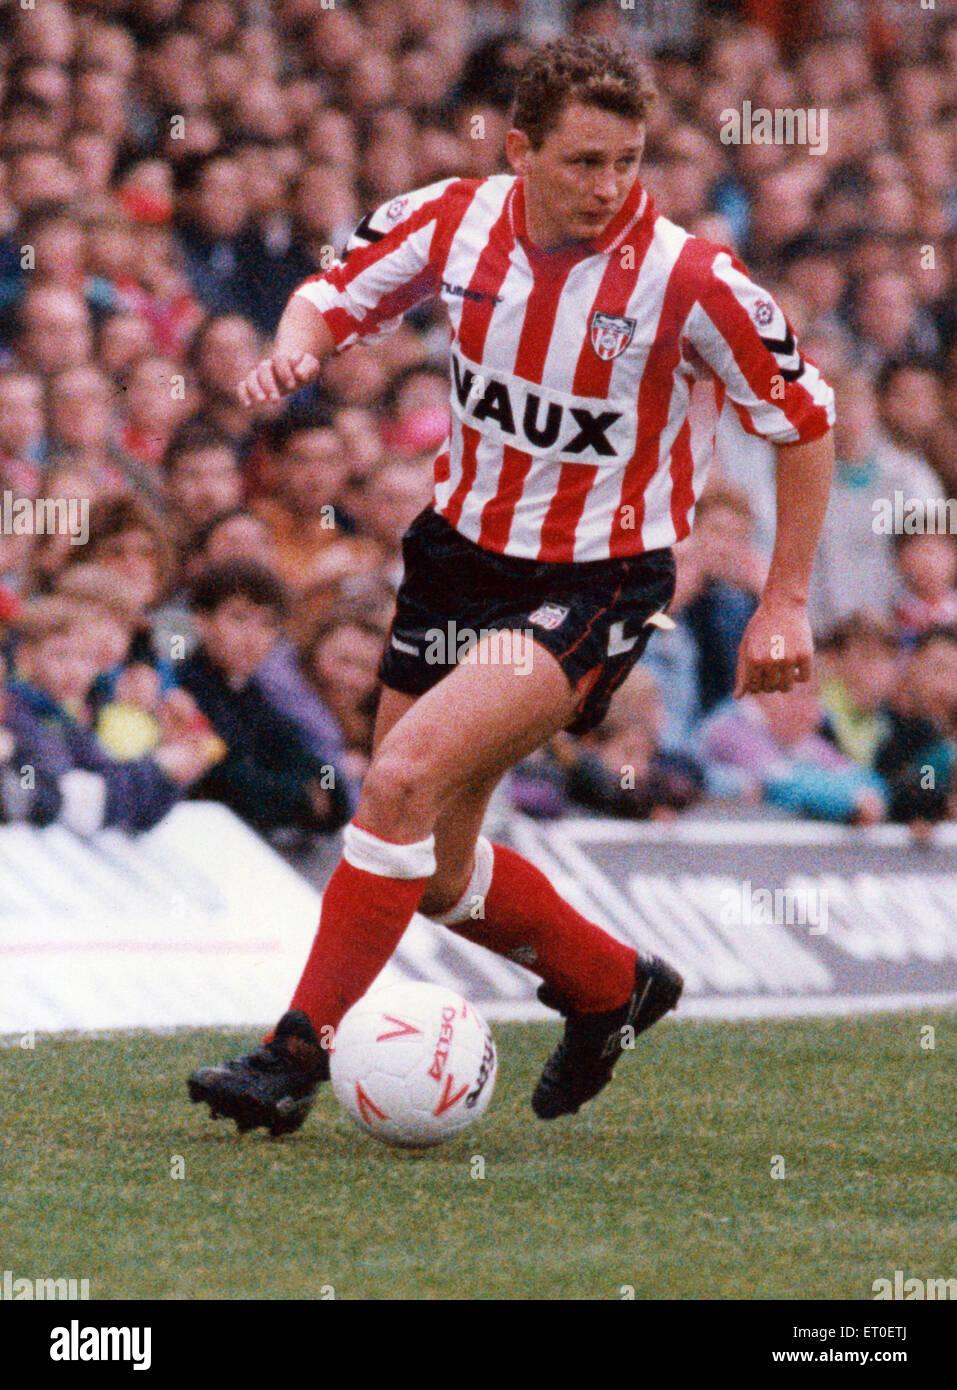 Brian Atkinson, Sunderland, Circa January 1992. - Stock Image